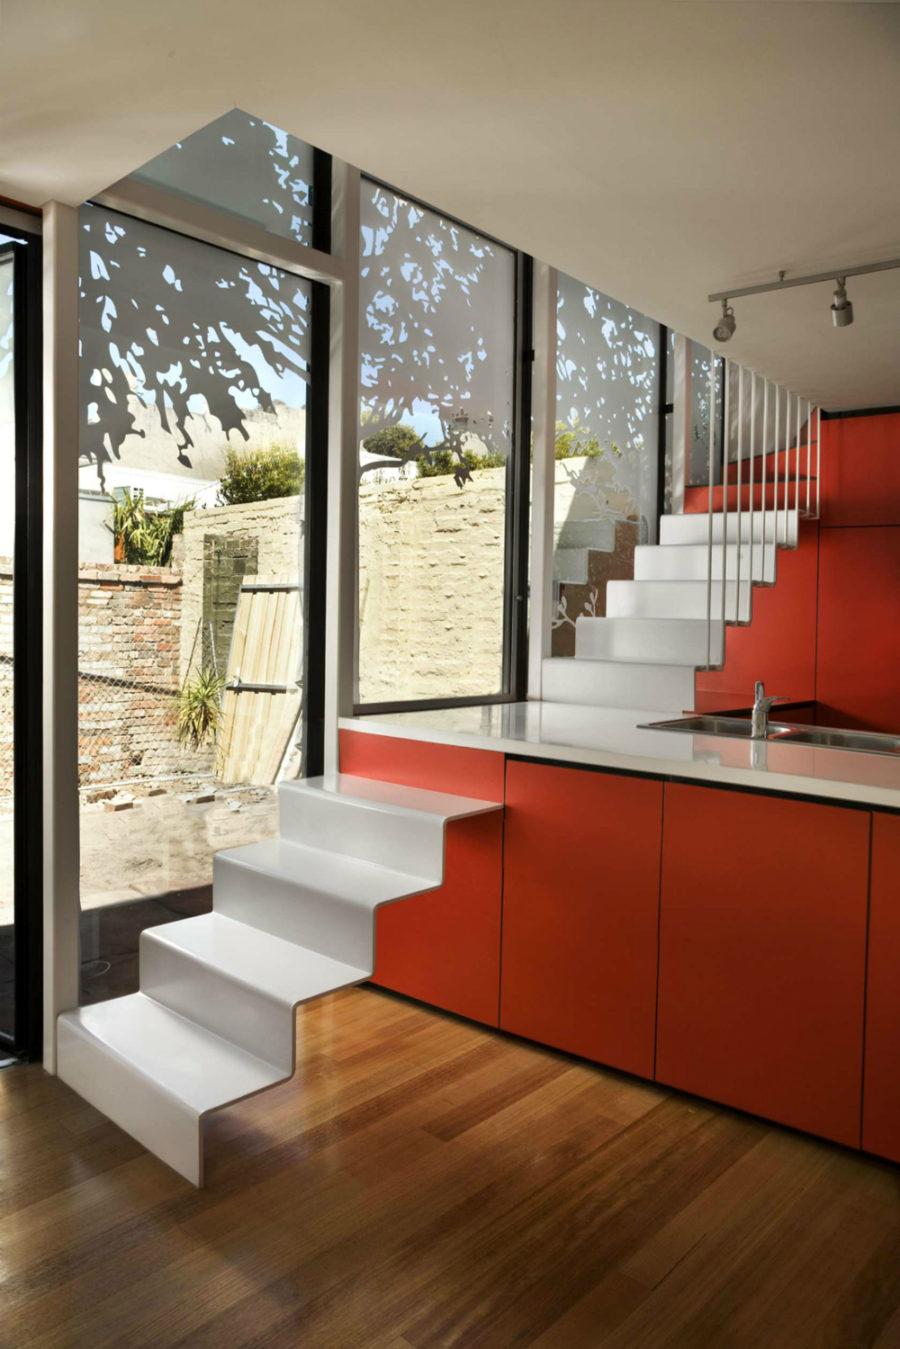 Современные тенденции в дизайне кухни в вашем доме - лестница проходит через кухонный остров